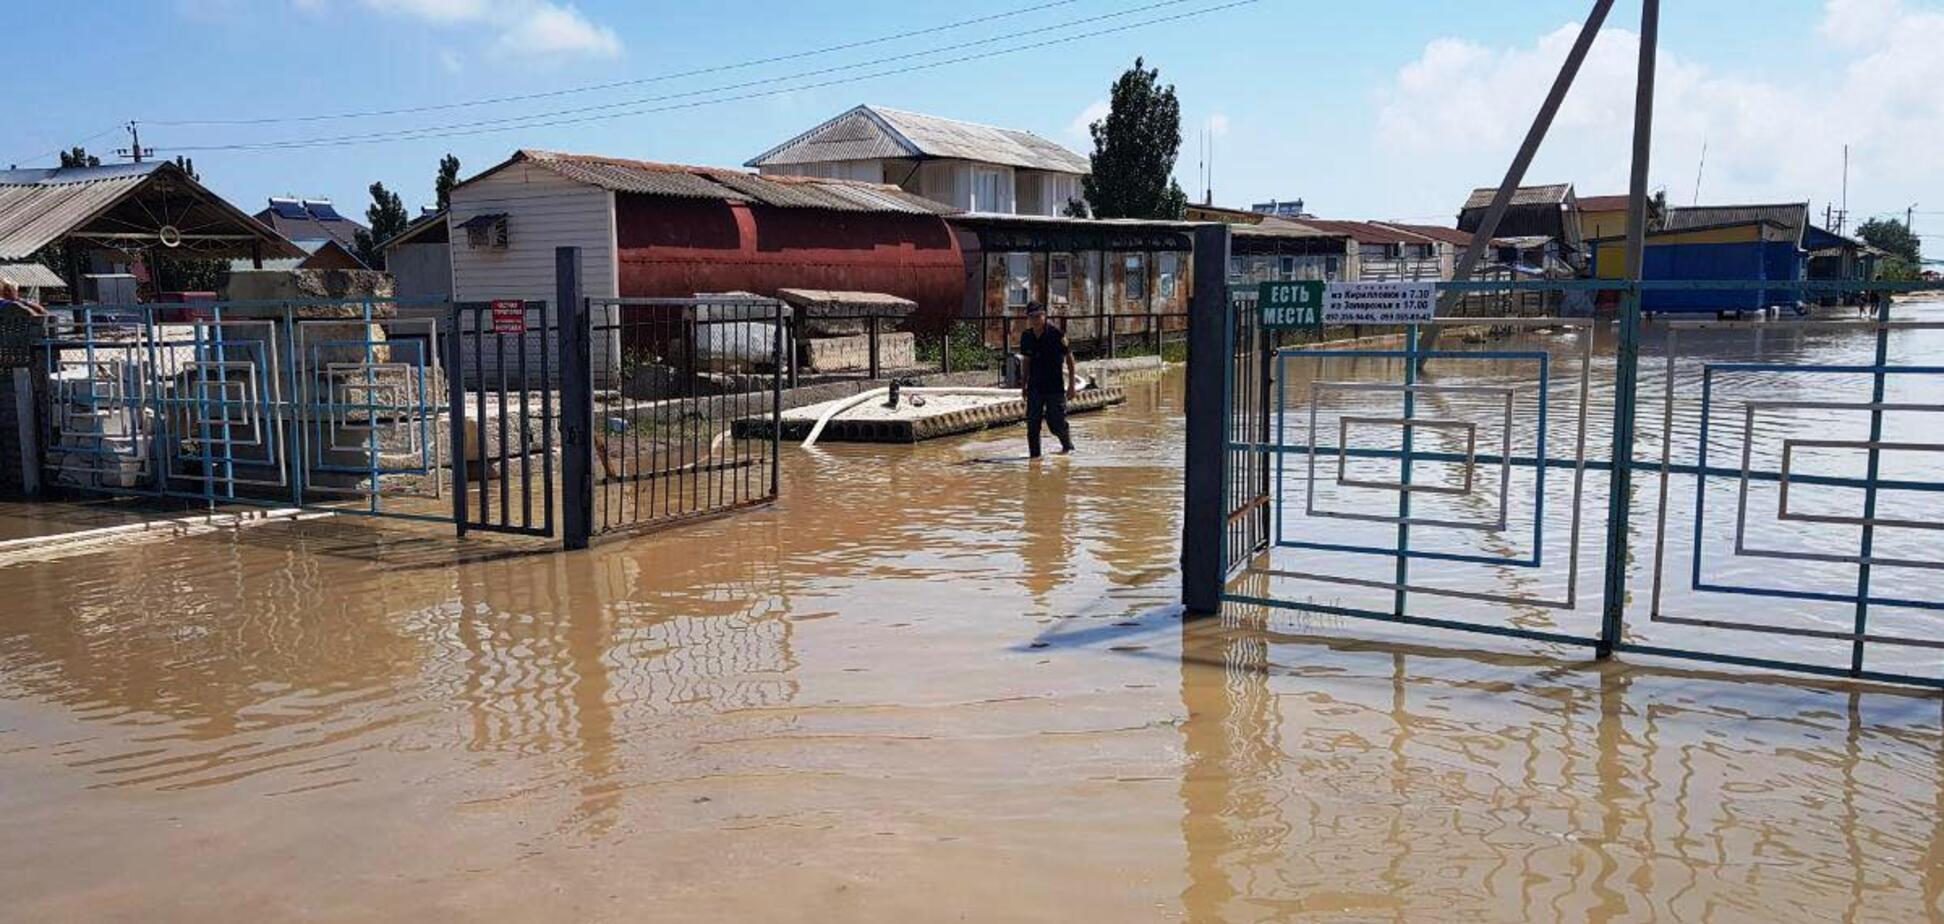 Рятувальники продовжують відкачувати воду із затоплених баз відпочинку в Кирилівці